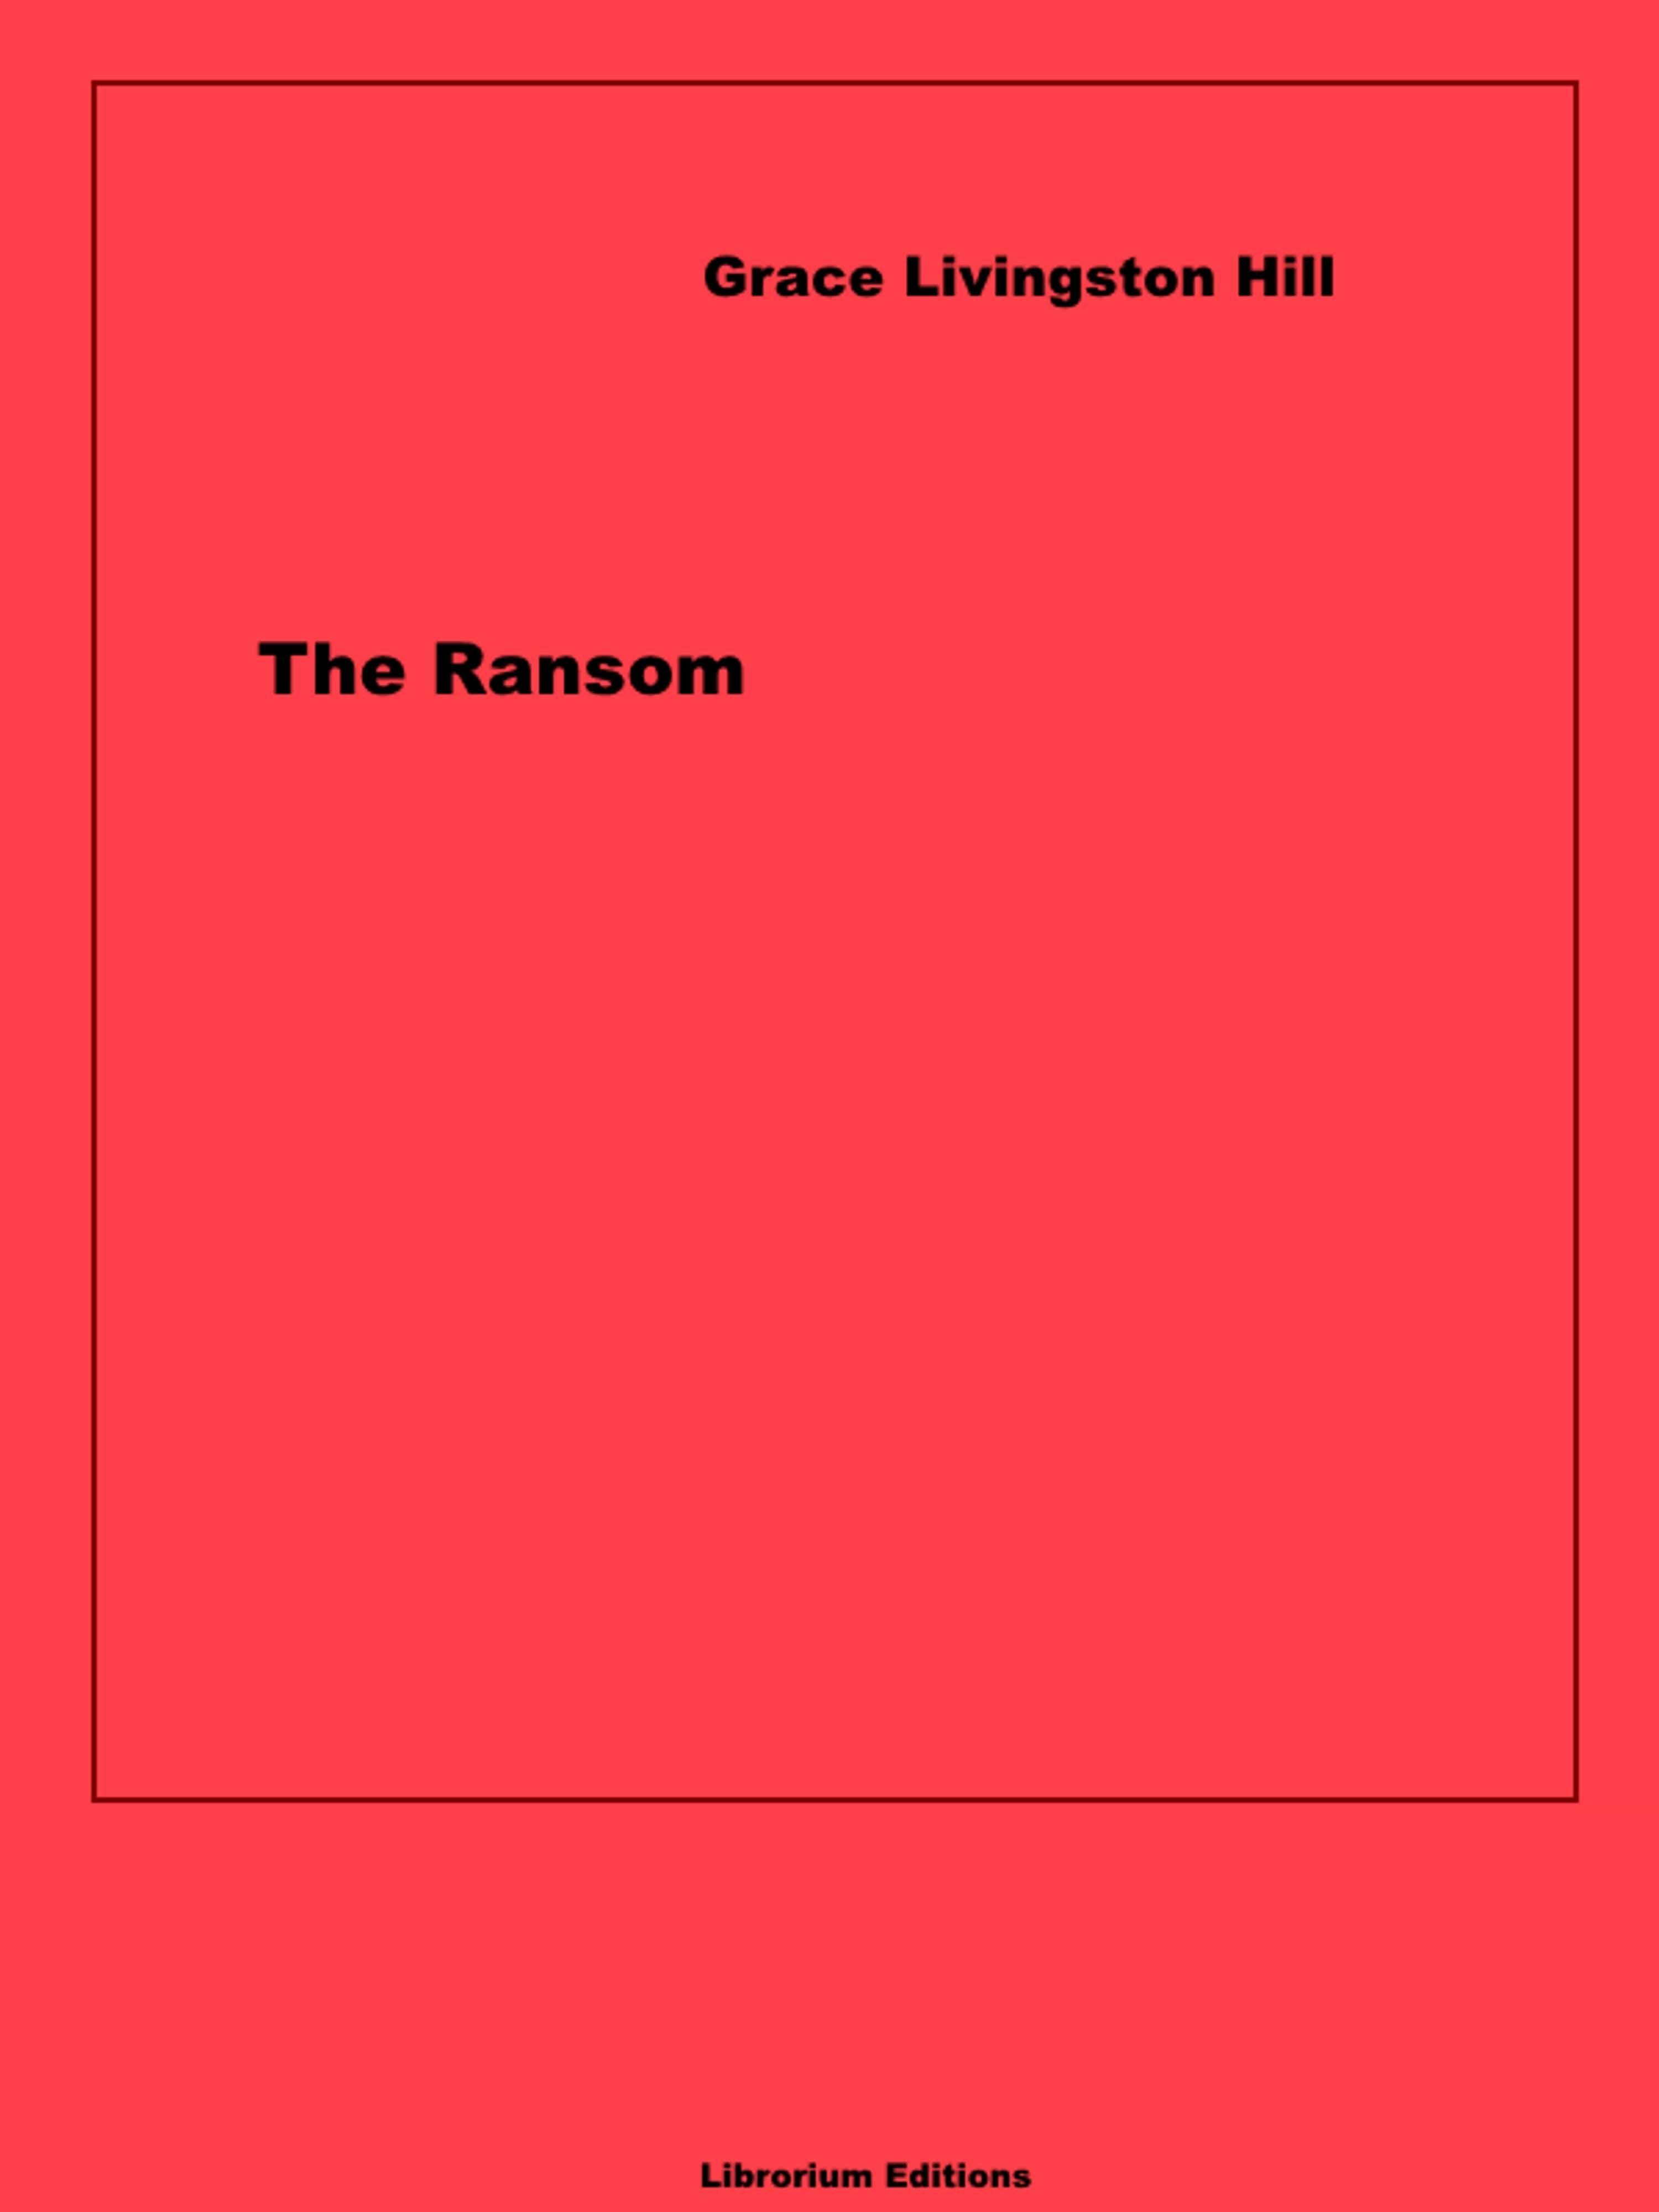 The Ransom   por Grace Livingston Hill